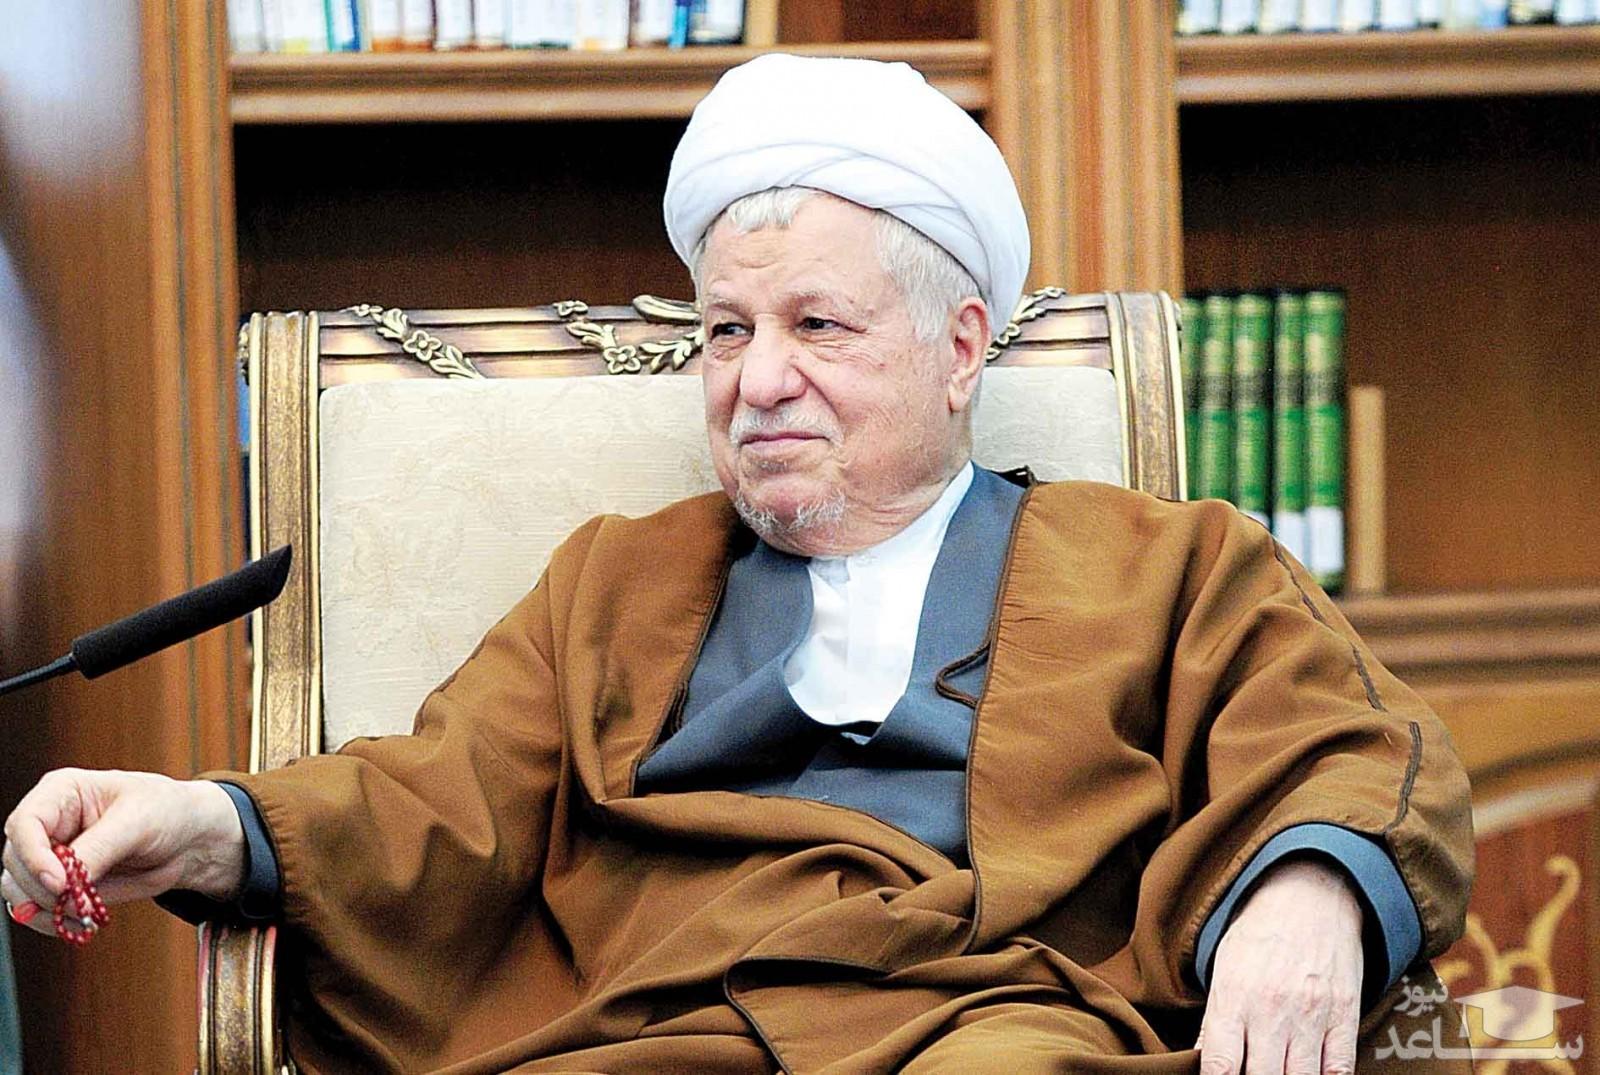 وزیر اطلاعات احمدی نژاد می گوید در شورای نگهبان ایستادم تا آیت الله هاشمی ردصلاحیت شود